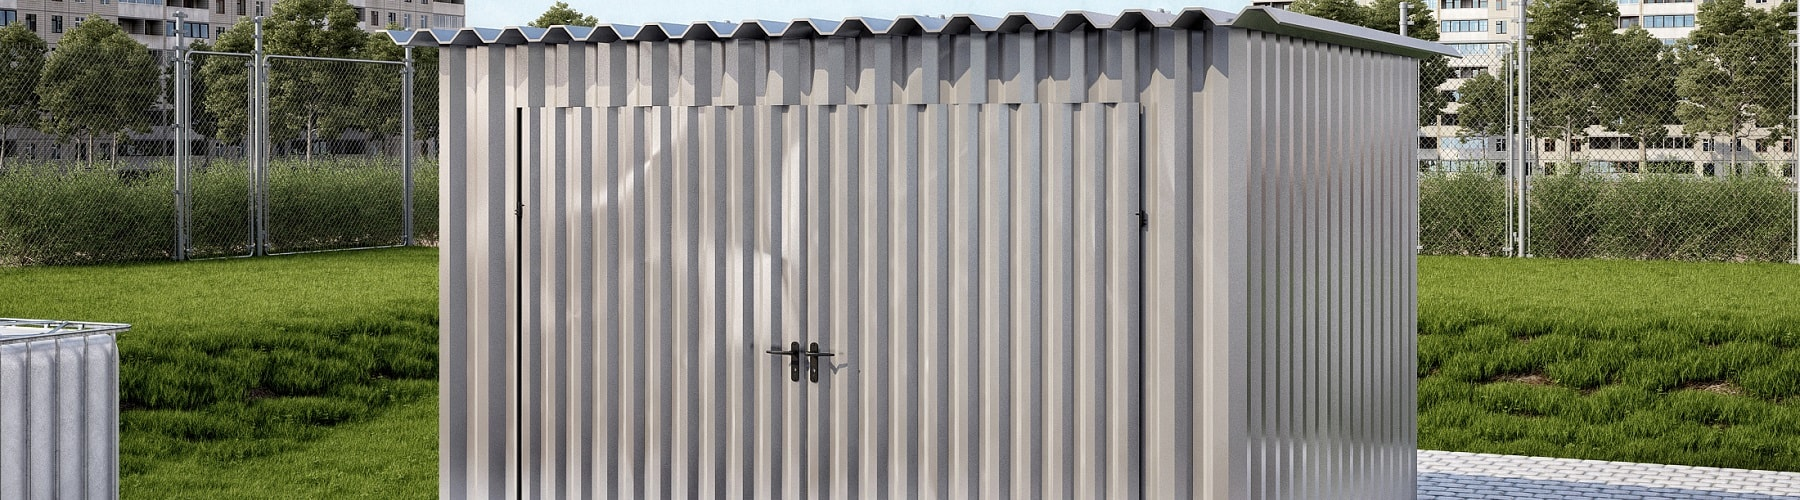 ▷ Stahlfertiggaragen Preisliste mit Konfigurator bis zu 30% sparen